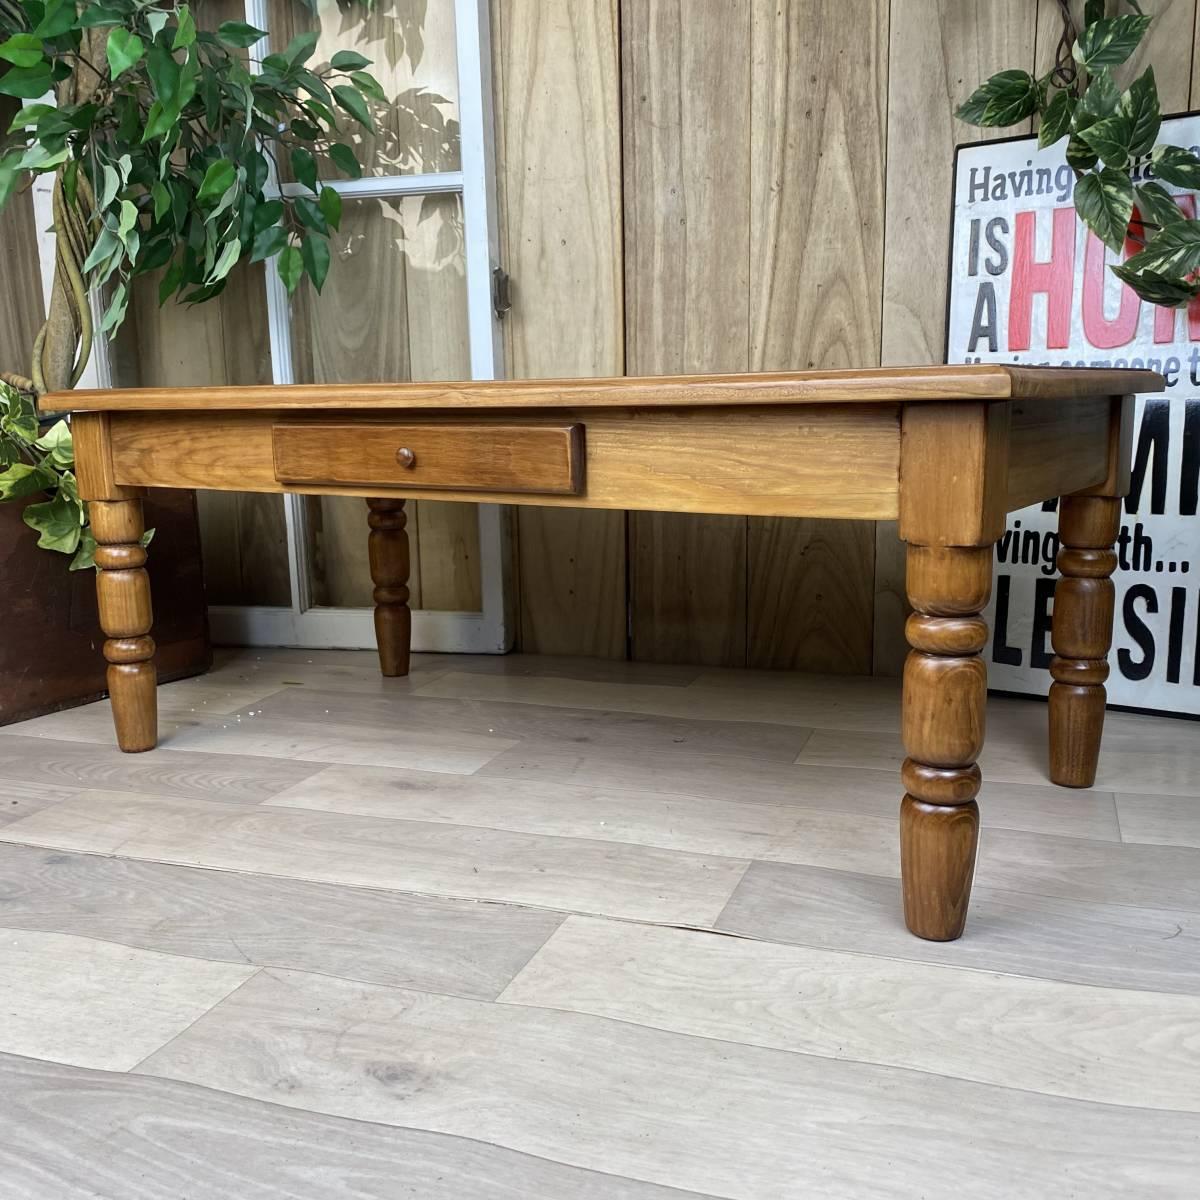 送料無料、カントリー北欧風アンティーク調パイン材チェストテーブル☆木製松材材天然無垢材、デスク、机、引き出し付き、座卓、置き台_画像6